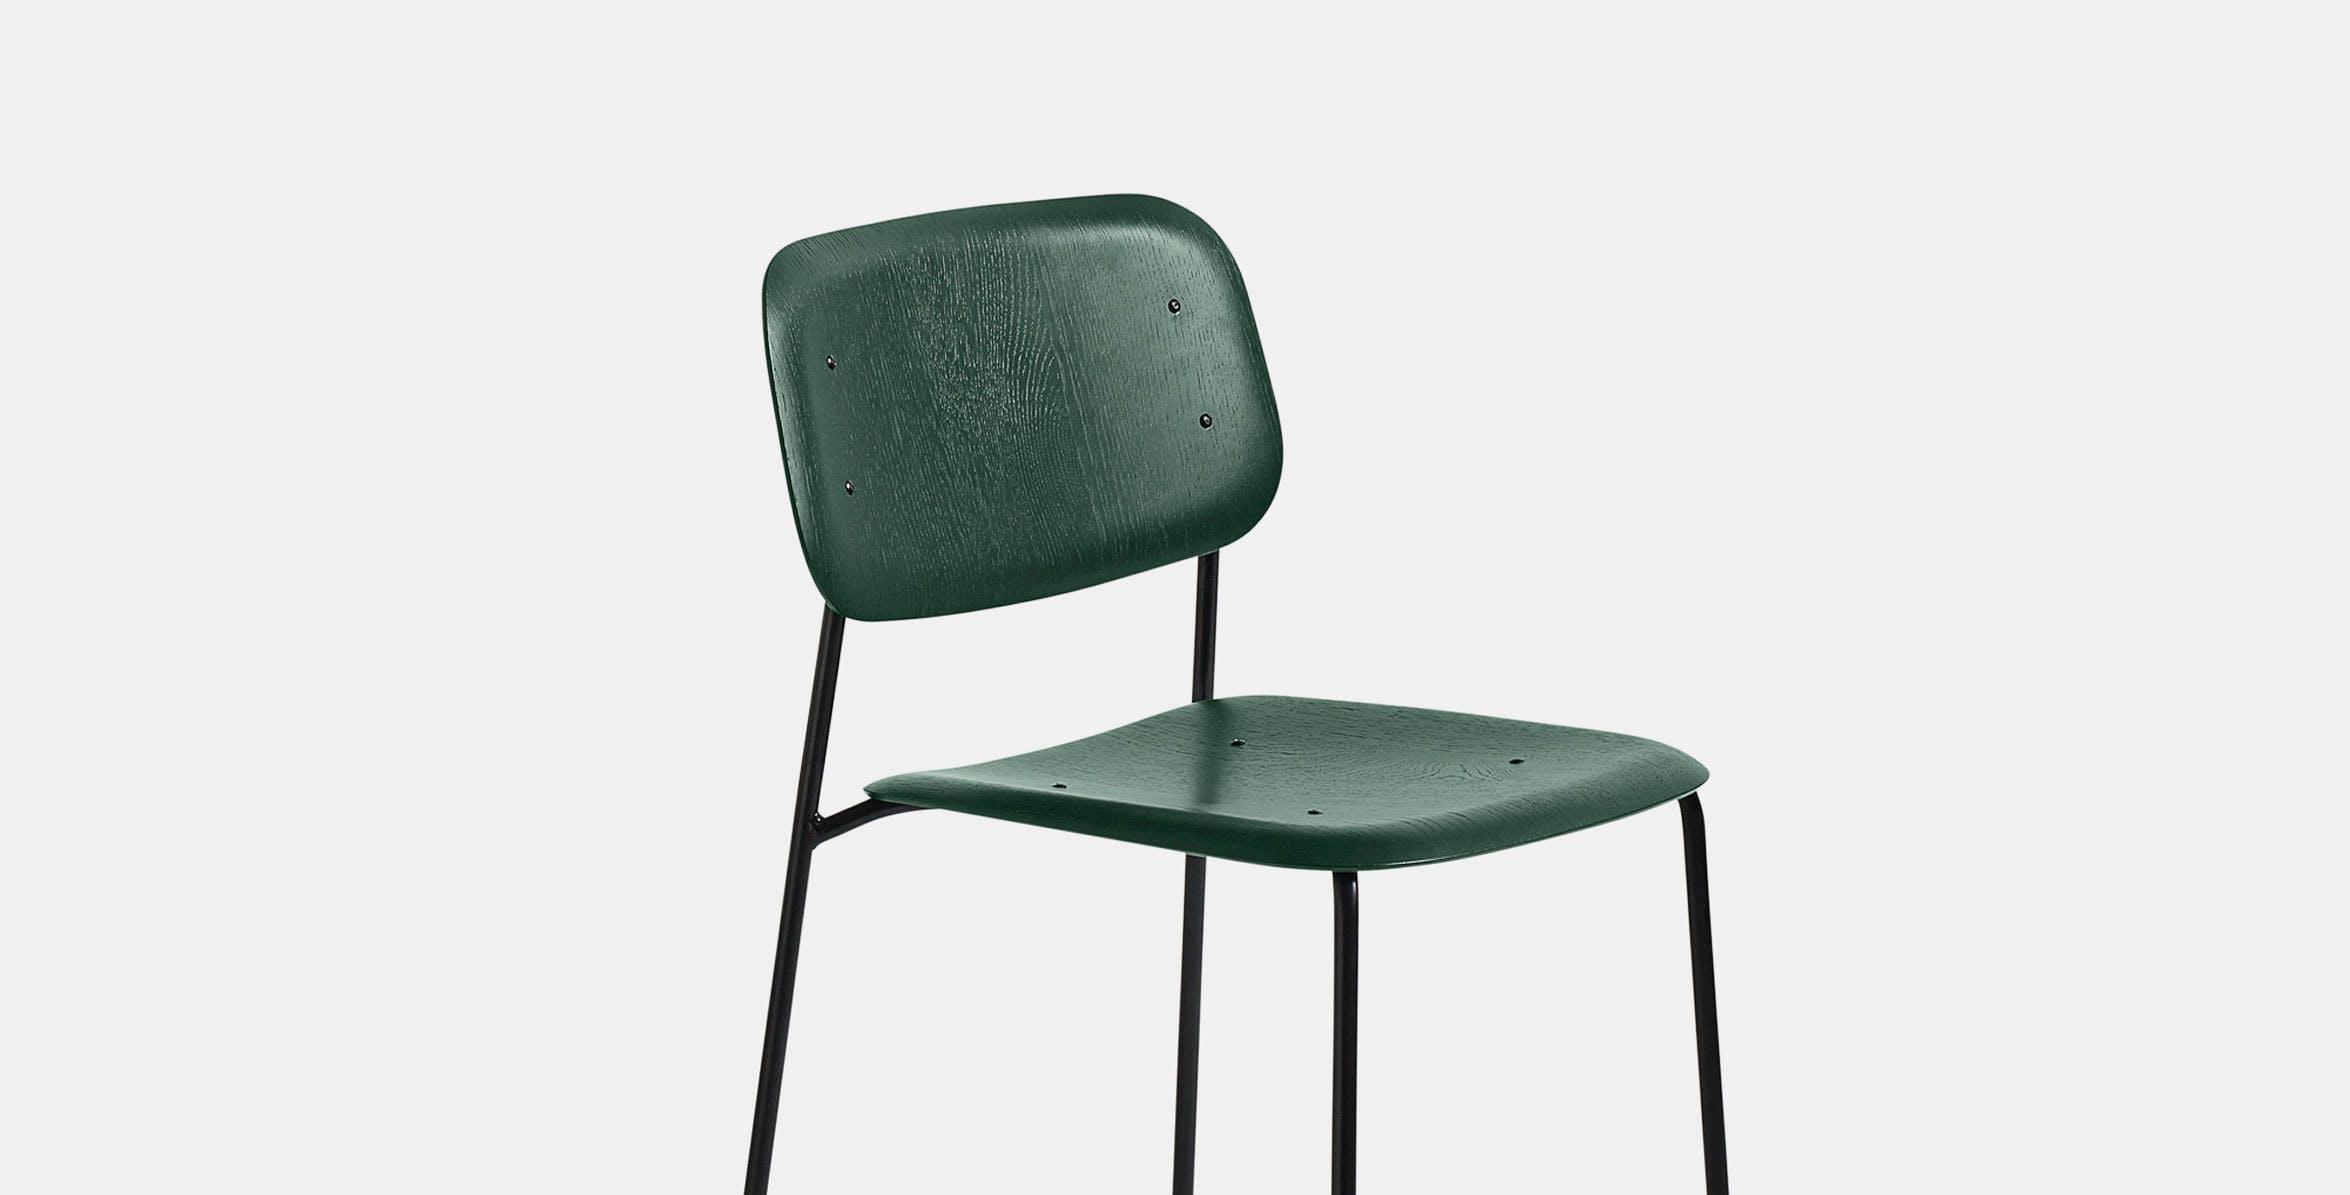 Designer Iskos Berlin